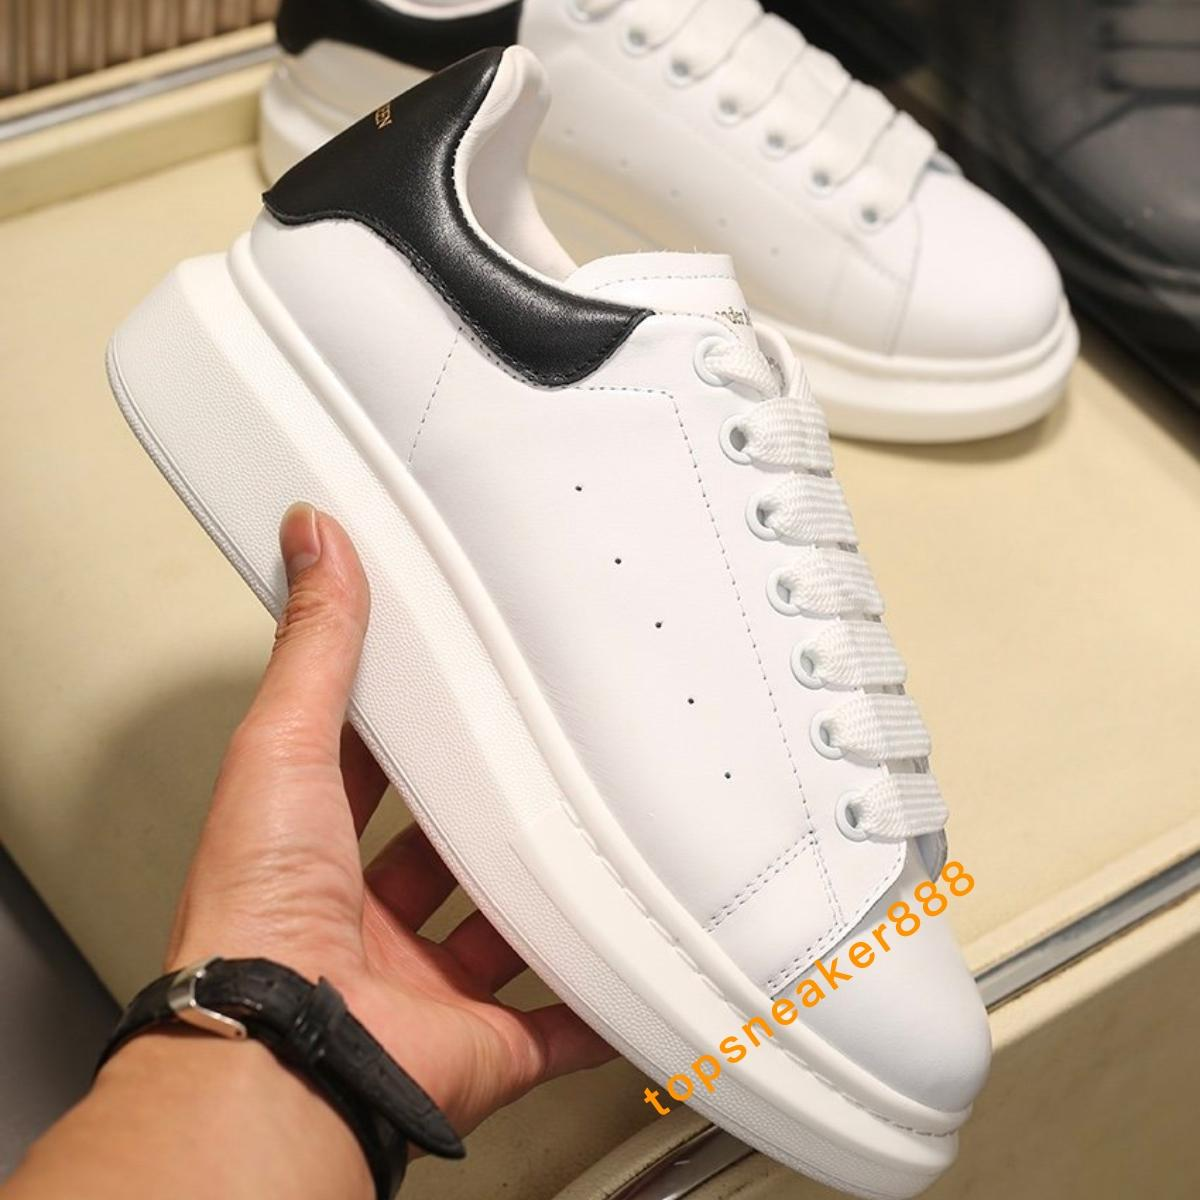 2020 Herren Schuhe Mode Frauen Schuhe Herren Leder schnüren sich oben Plattform Klassische Casual Man Schuhe mit Kasten